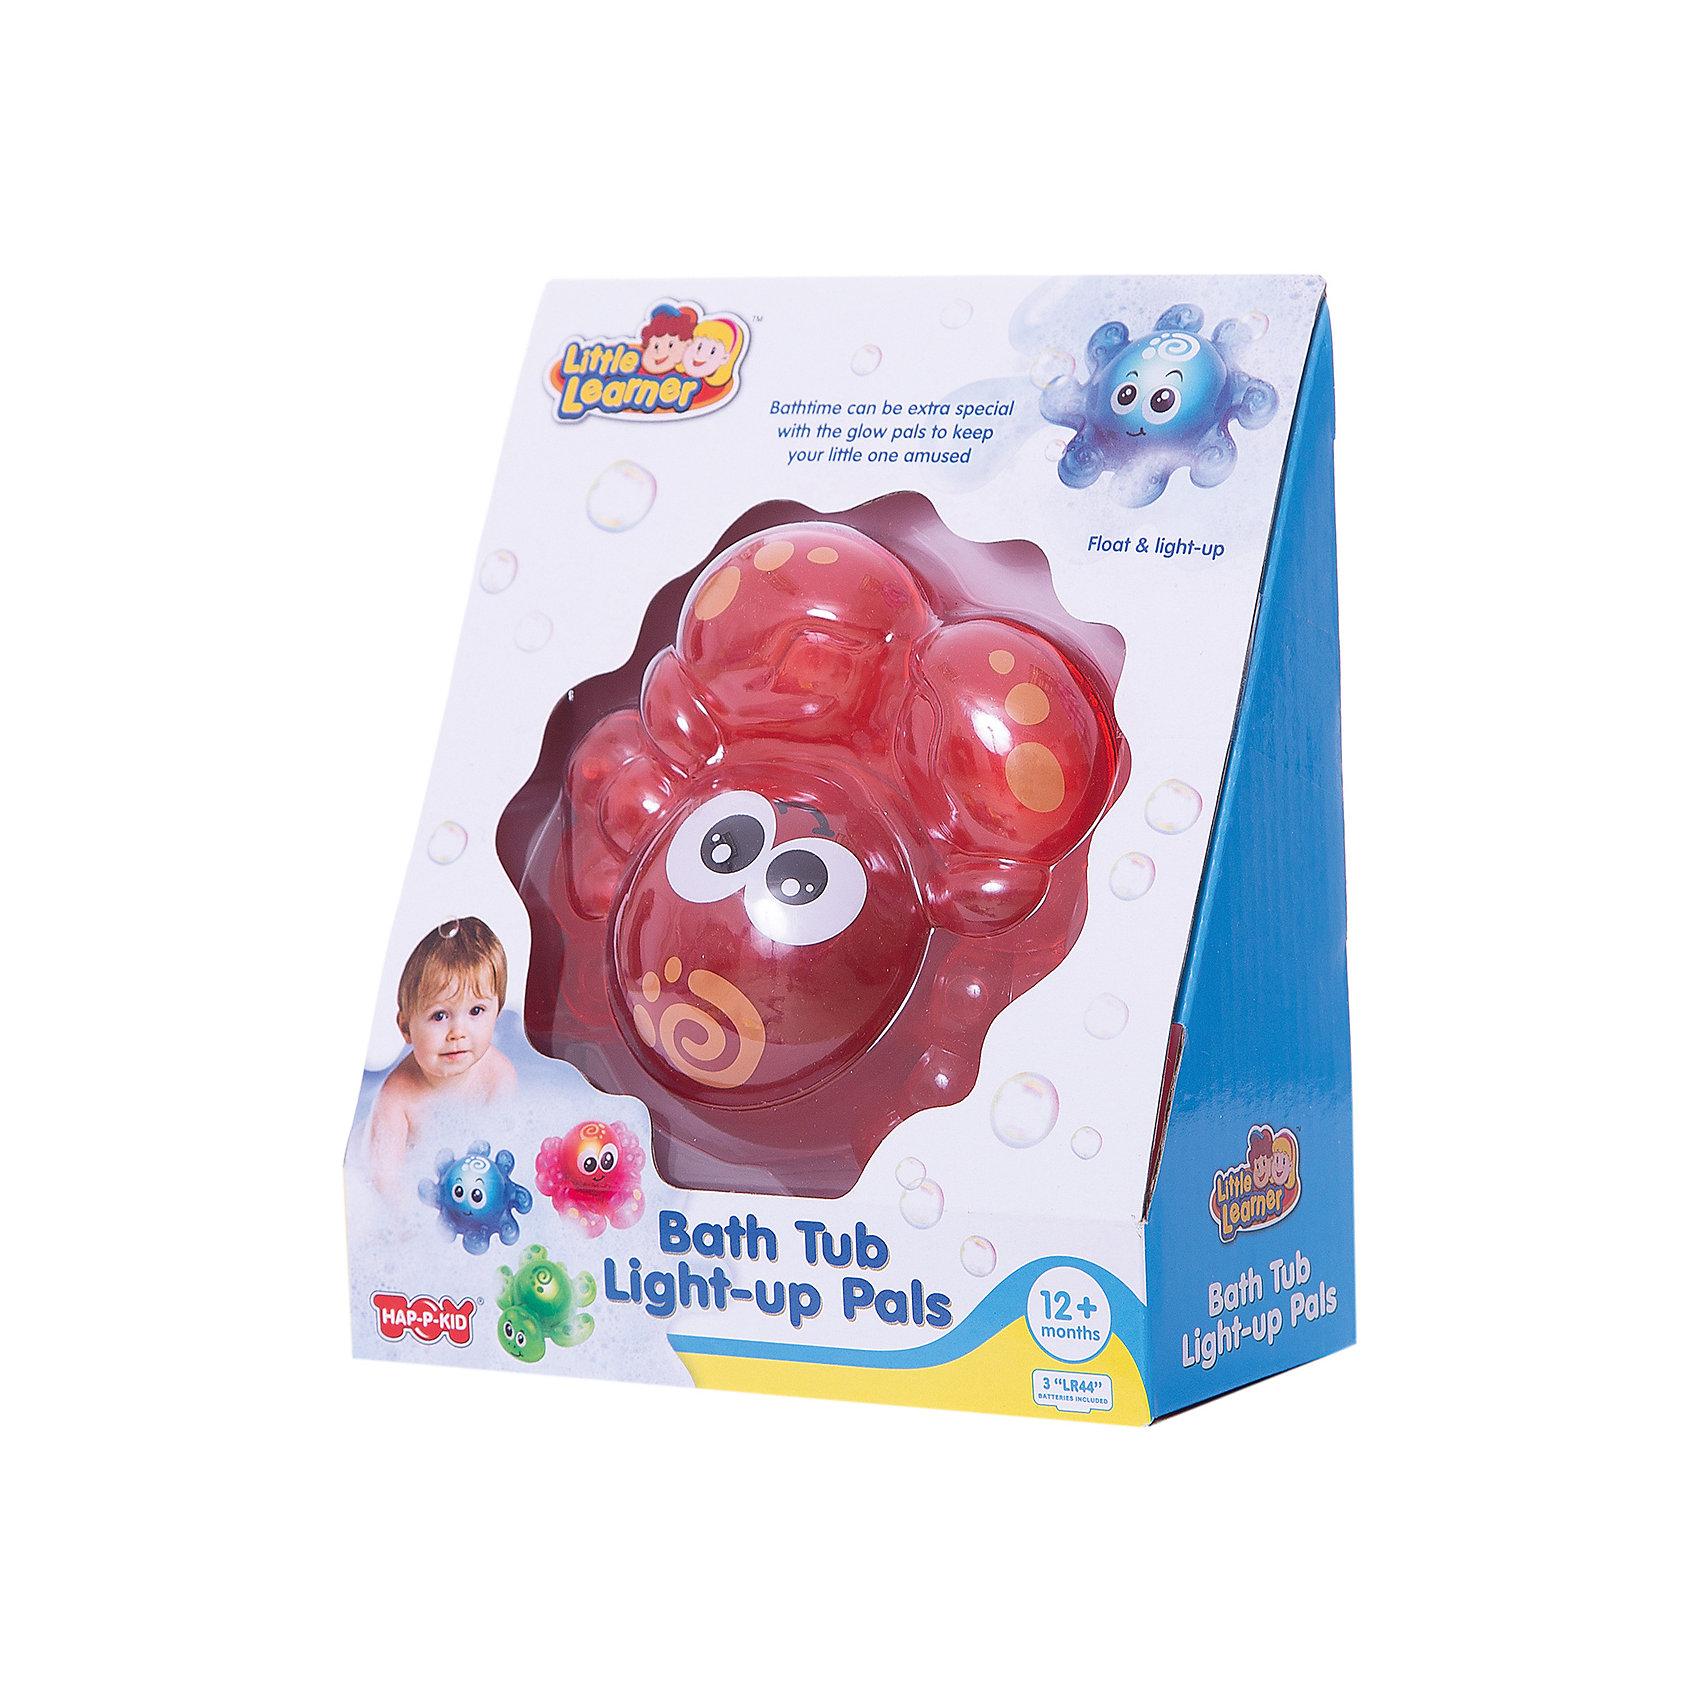 Игрушка для ванной Крабик, со светом, HAP-P-KIDИгрушки ПВХ<br>Игрушка для ванной Крабик, со светом, Happy Kid (Хэппи Кид) – эта забавная игрушка развеселит вашего малыша во время купания.<br>Игрушка для ванной Крабик от Happy Kid (Хэппи Кид) привлечет внимание вашего малыша и превратит купание в веселую игру! Она выполнена в ярко-розовом цвете в виде забавного крабика с большими глазками. Игрушка оснащена специальным датчиком, благодаря которому начинает светиться при контакте с водой, периодически выключаясь. Хорошо держится на воде, не тонет. Игрушка не имеет острых углов и мелких деталей, её форма обтекаемая. Развивает воображение, цветовосприятие, мелкую моторику, а также помогает ребенку справиться с боязнью воды. Продукция изготовлена из прочного, качественного, безопасного материала, сертифицирована, экологически безопасна, использованные красители не токсичны и гипоаллергенны.<br><br>Дополнительная информация:<br><br>- Материал: пластик<br>- Батарейки: 3 типа AG13/LR44 (входят в комплект)<br>- Размер упаковки: 18 x 15 x 7 см.<br>- Вес: 217 гр.<br><br>Игрушку для ванной Крабик, со светом, Happy Kid (Хэппи Кид) можно купить в нашем интернет-магазине.<br><br>Ширина мм: 180<br>Глубина мм: 150<br>Высота мм: 70<br>Вес г: 217<br>Возраст от месяцев: 12<br>Возраст до месяцев: 36<br>Пол: Унисекс<br>Возраст: Детский<br>SKU: 4726750